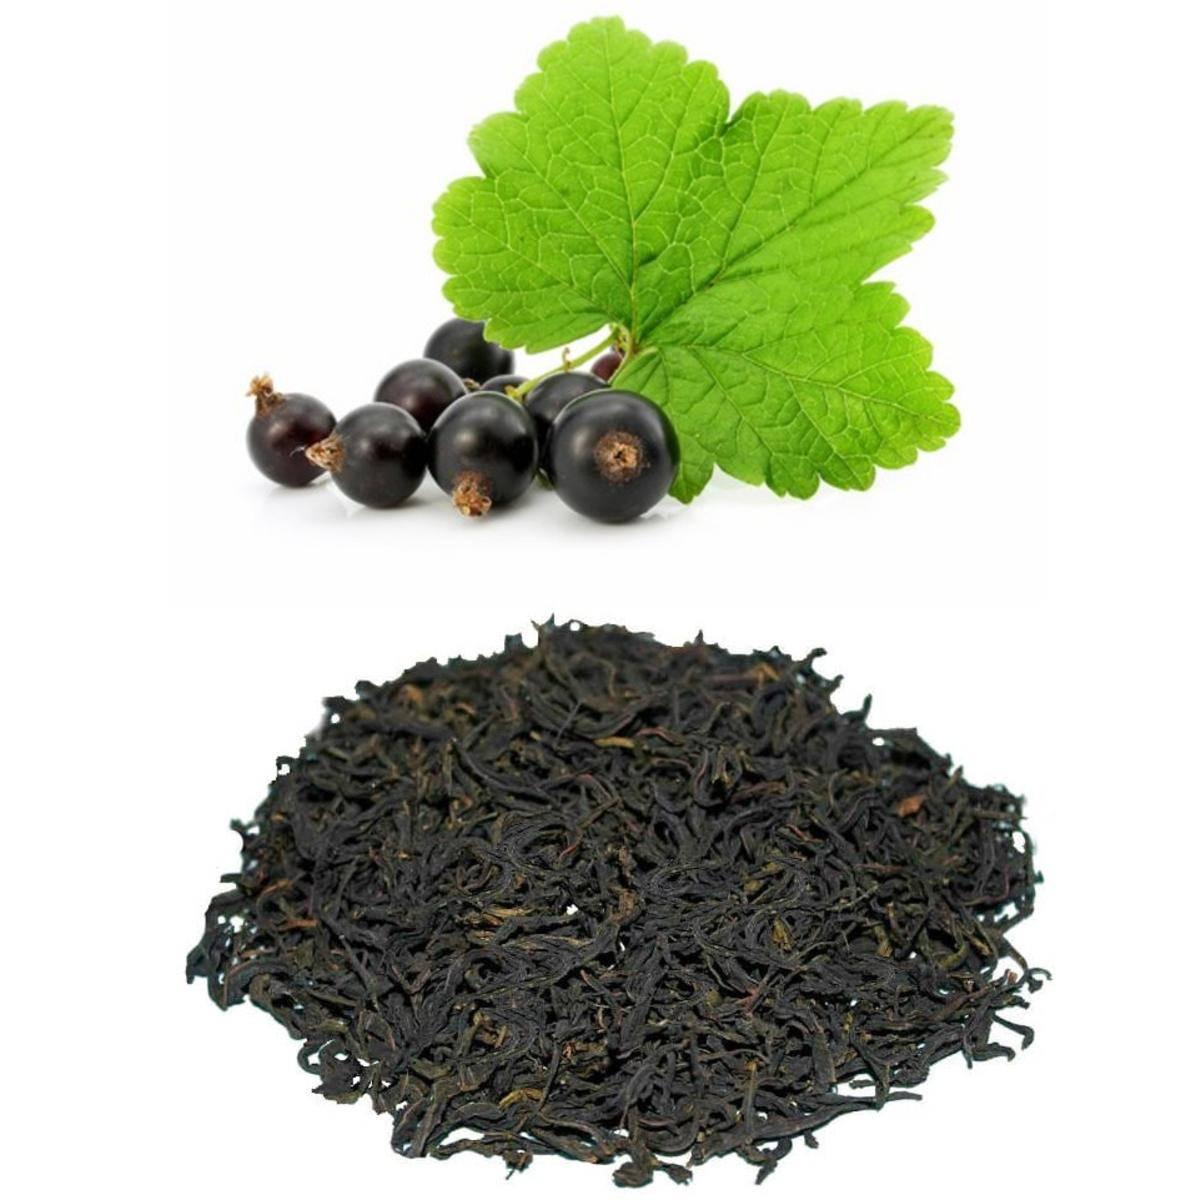 Чай из листьев смородины — польза и вред, рецепты